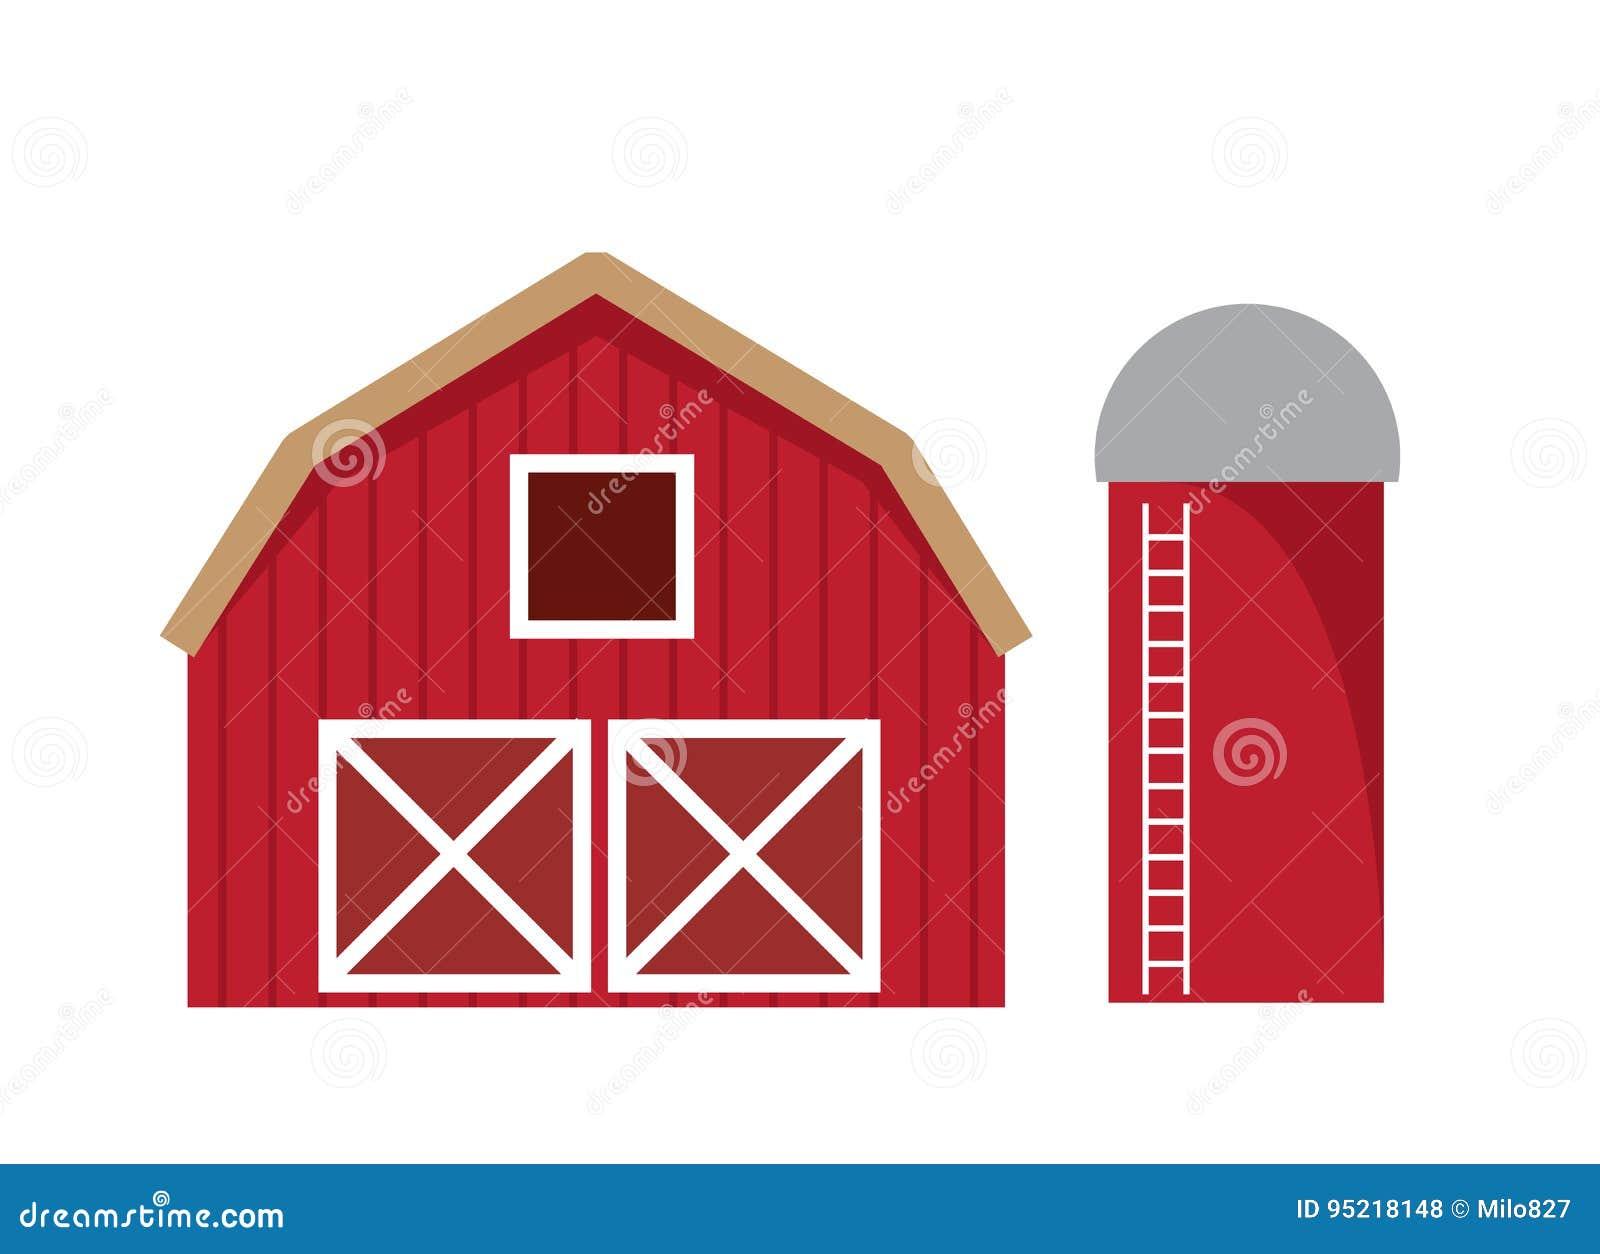 Barn Isolated